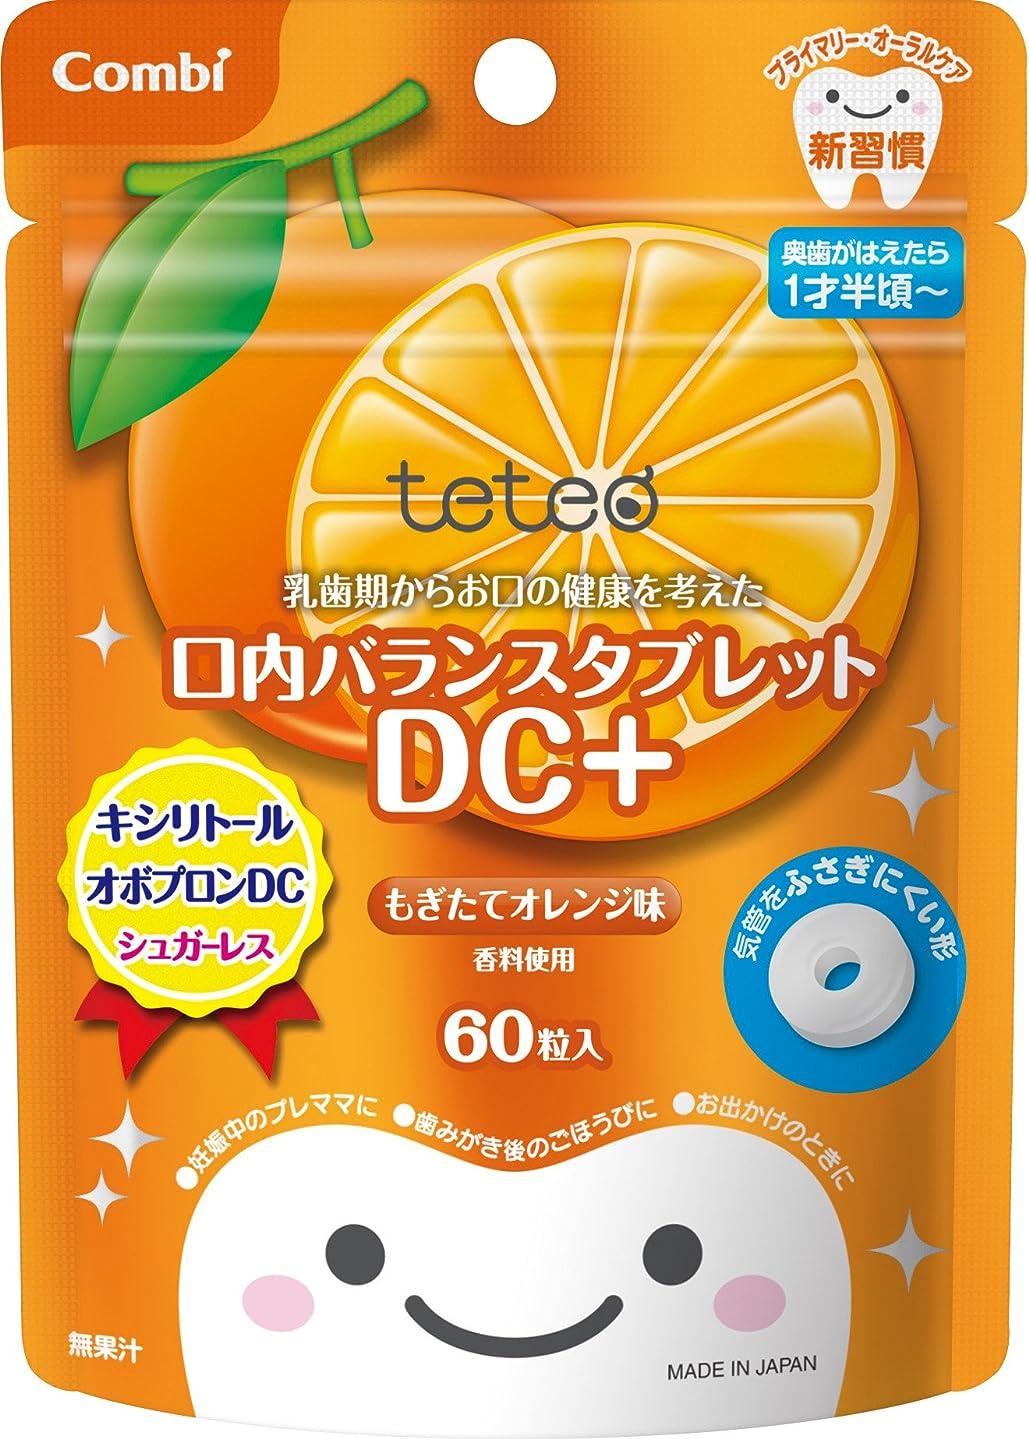 永遠に大きさエンゲージメントコンビ テテオ 乳歯期からお口の健康を考えた 口内バランスタブレット DC+ もぎたてオレンジ味 60粒入